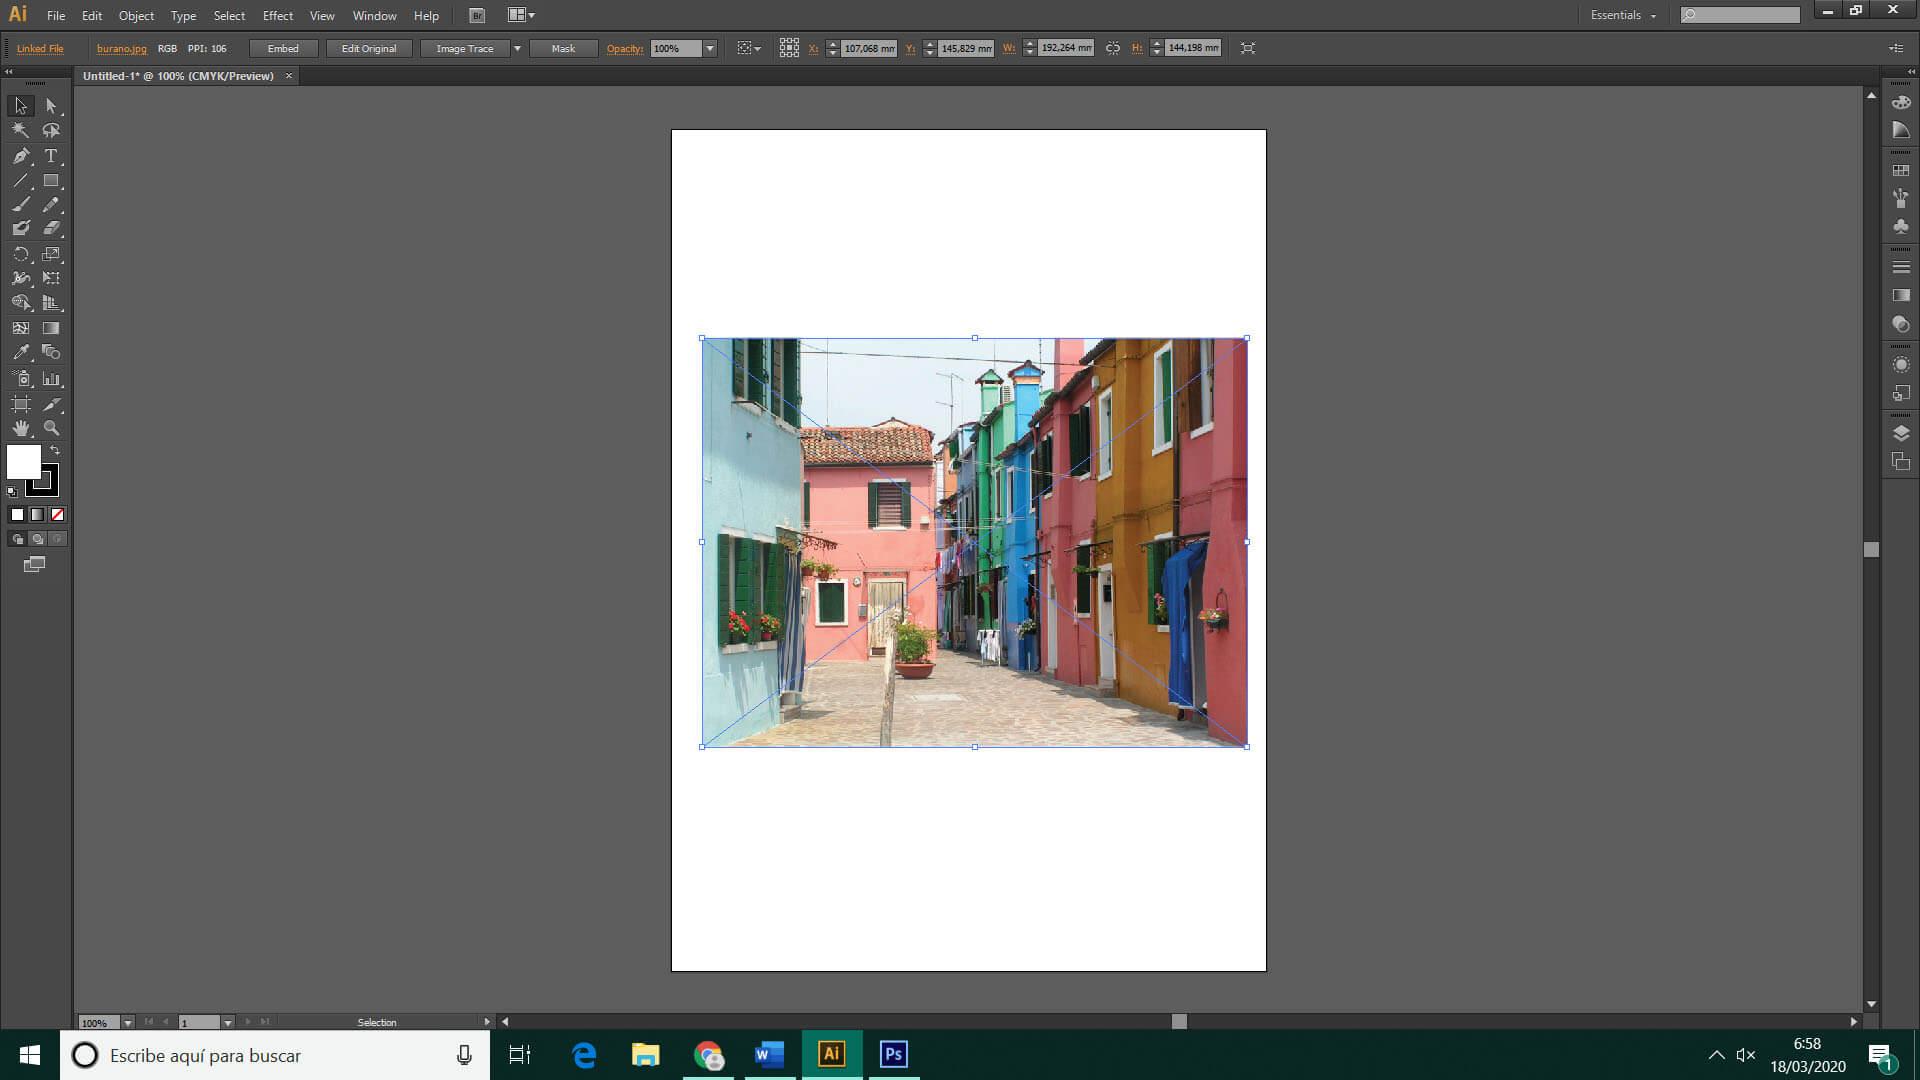 connvertir imagen en dibujo illustrator